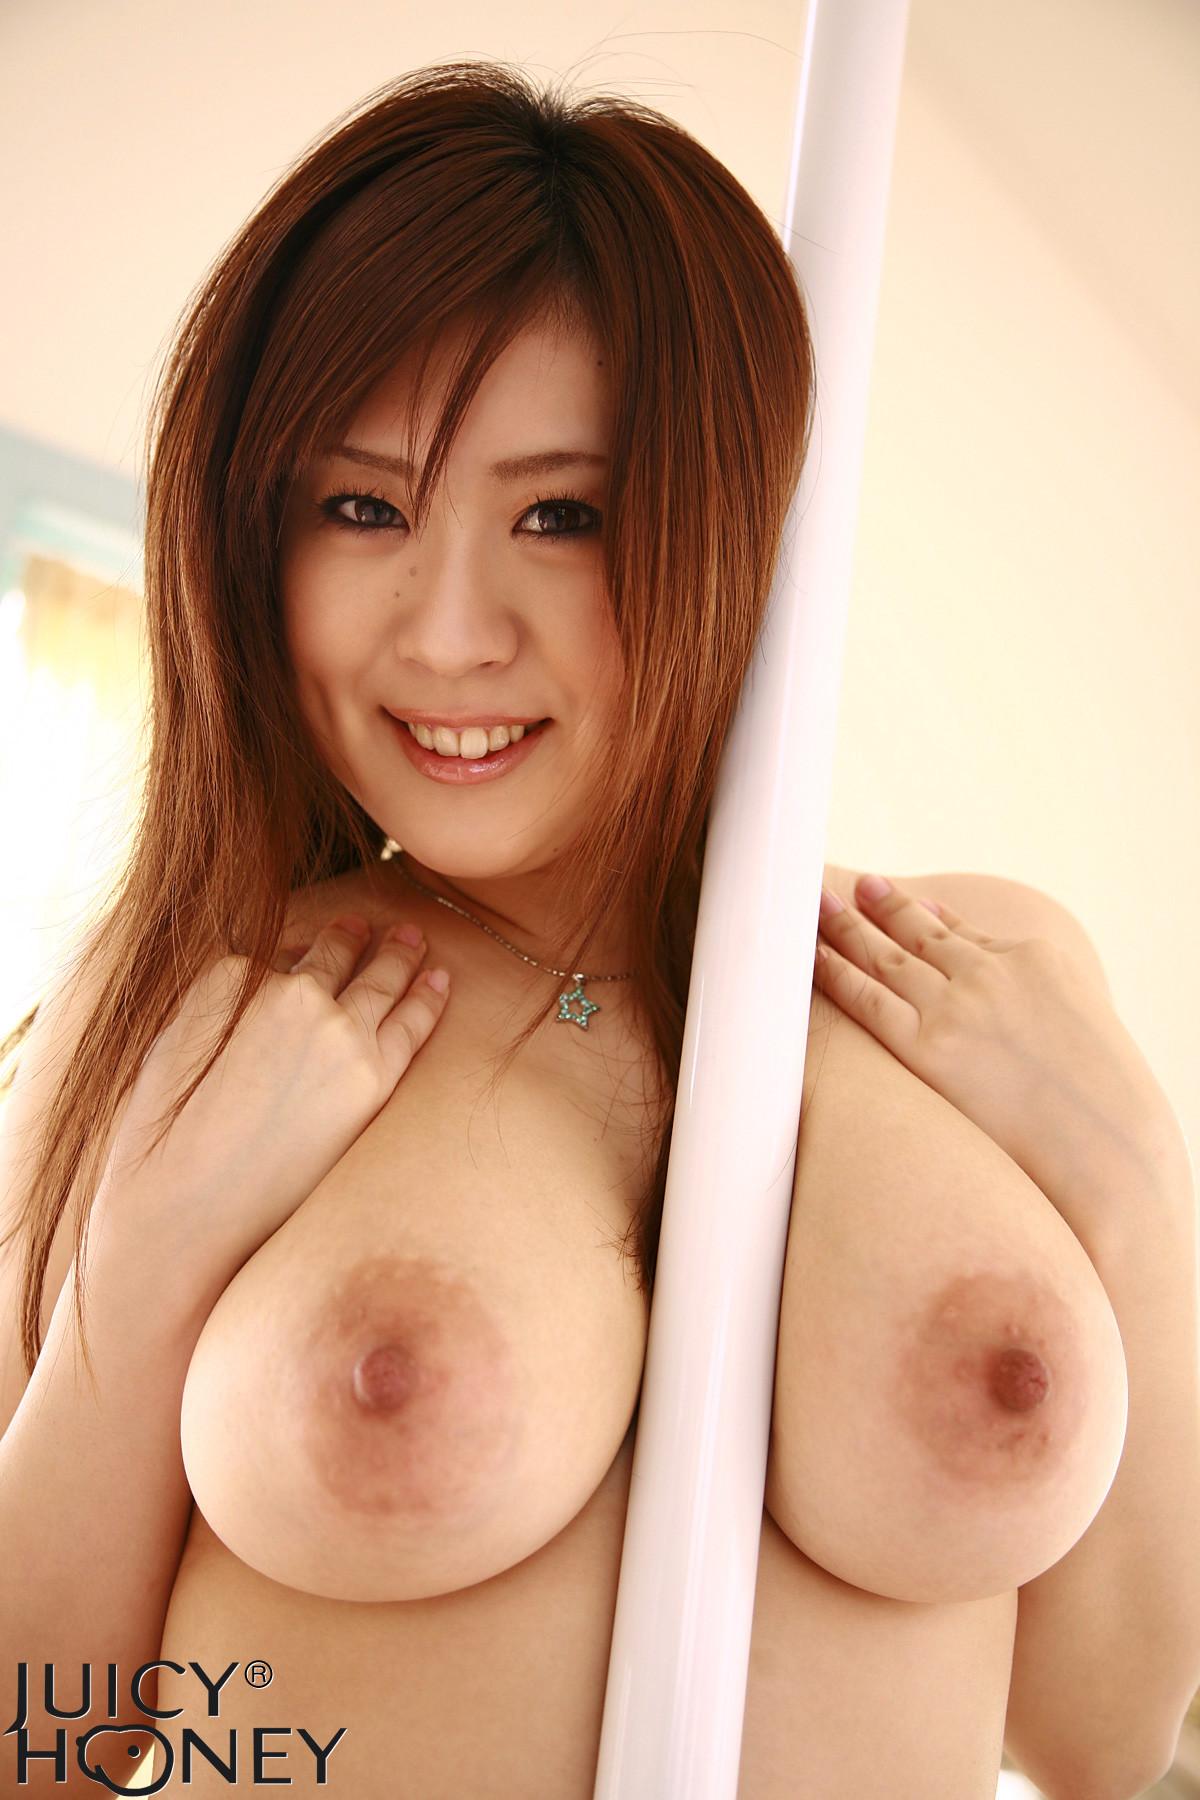 [X-City] Juicy Honey No.046 Nana Aoyama 青山菜々 015